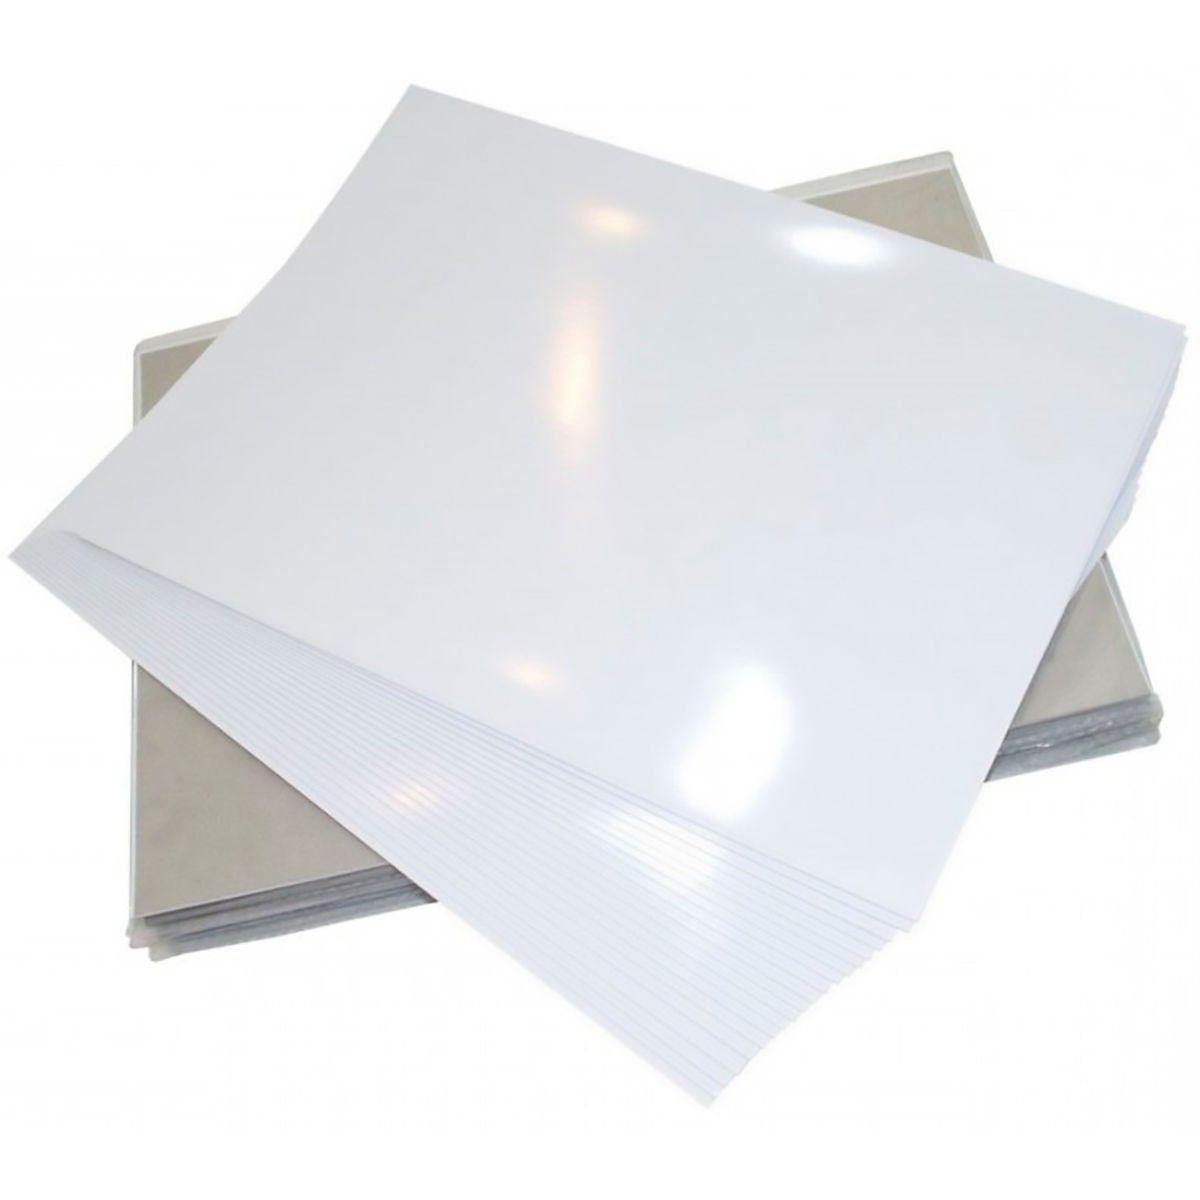 Papel Fotográfico A4 180g Glossy Branco Brilhante Resistente à Água / 500 folhas